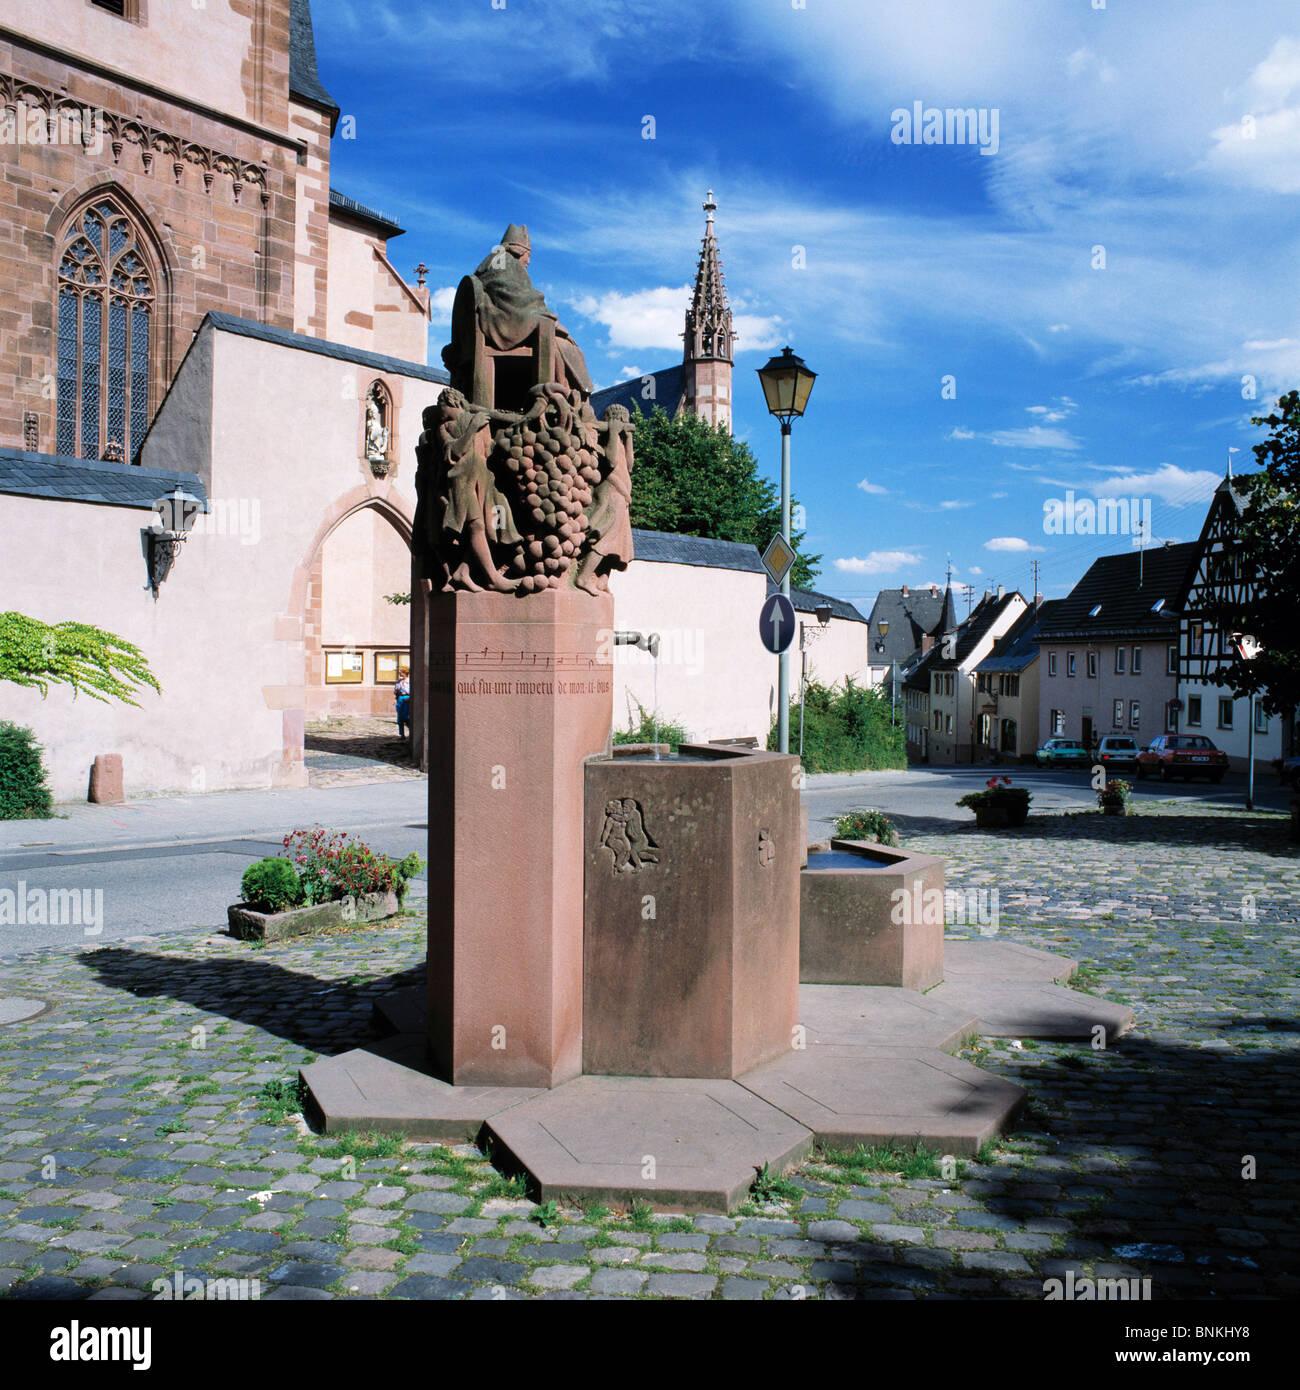 Deutschland Kiedrich Rheingau Rheingaugebirge Taunus Hessen Wein Dorf Kiedrich Marktplatz Markt Skulptur auch heilige Stockbild